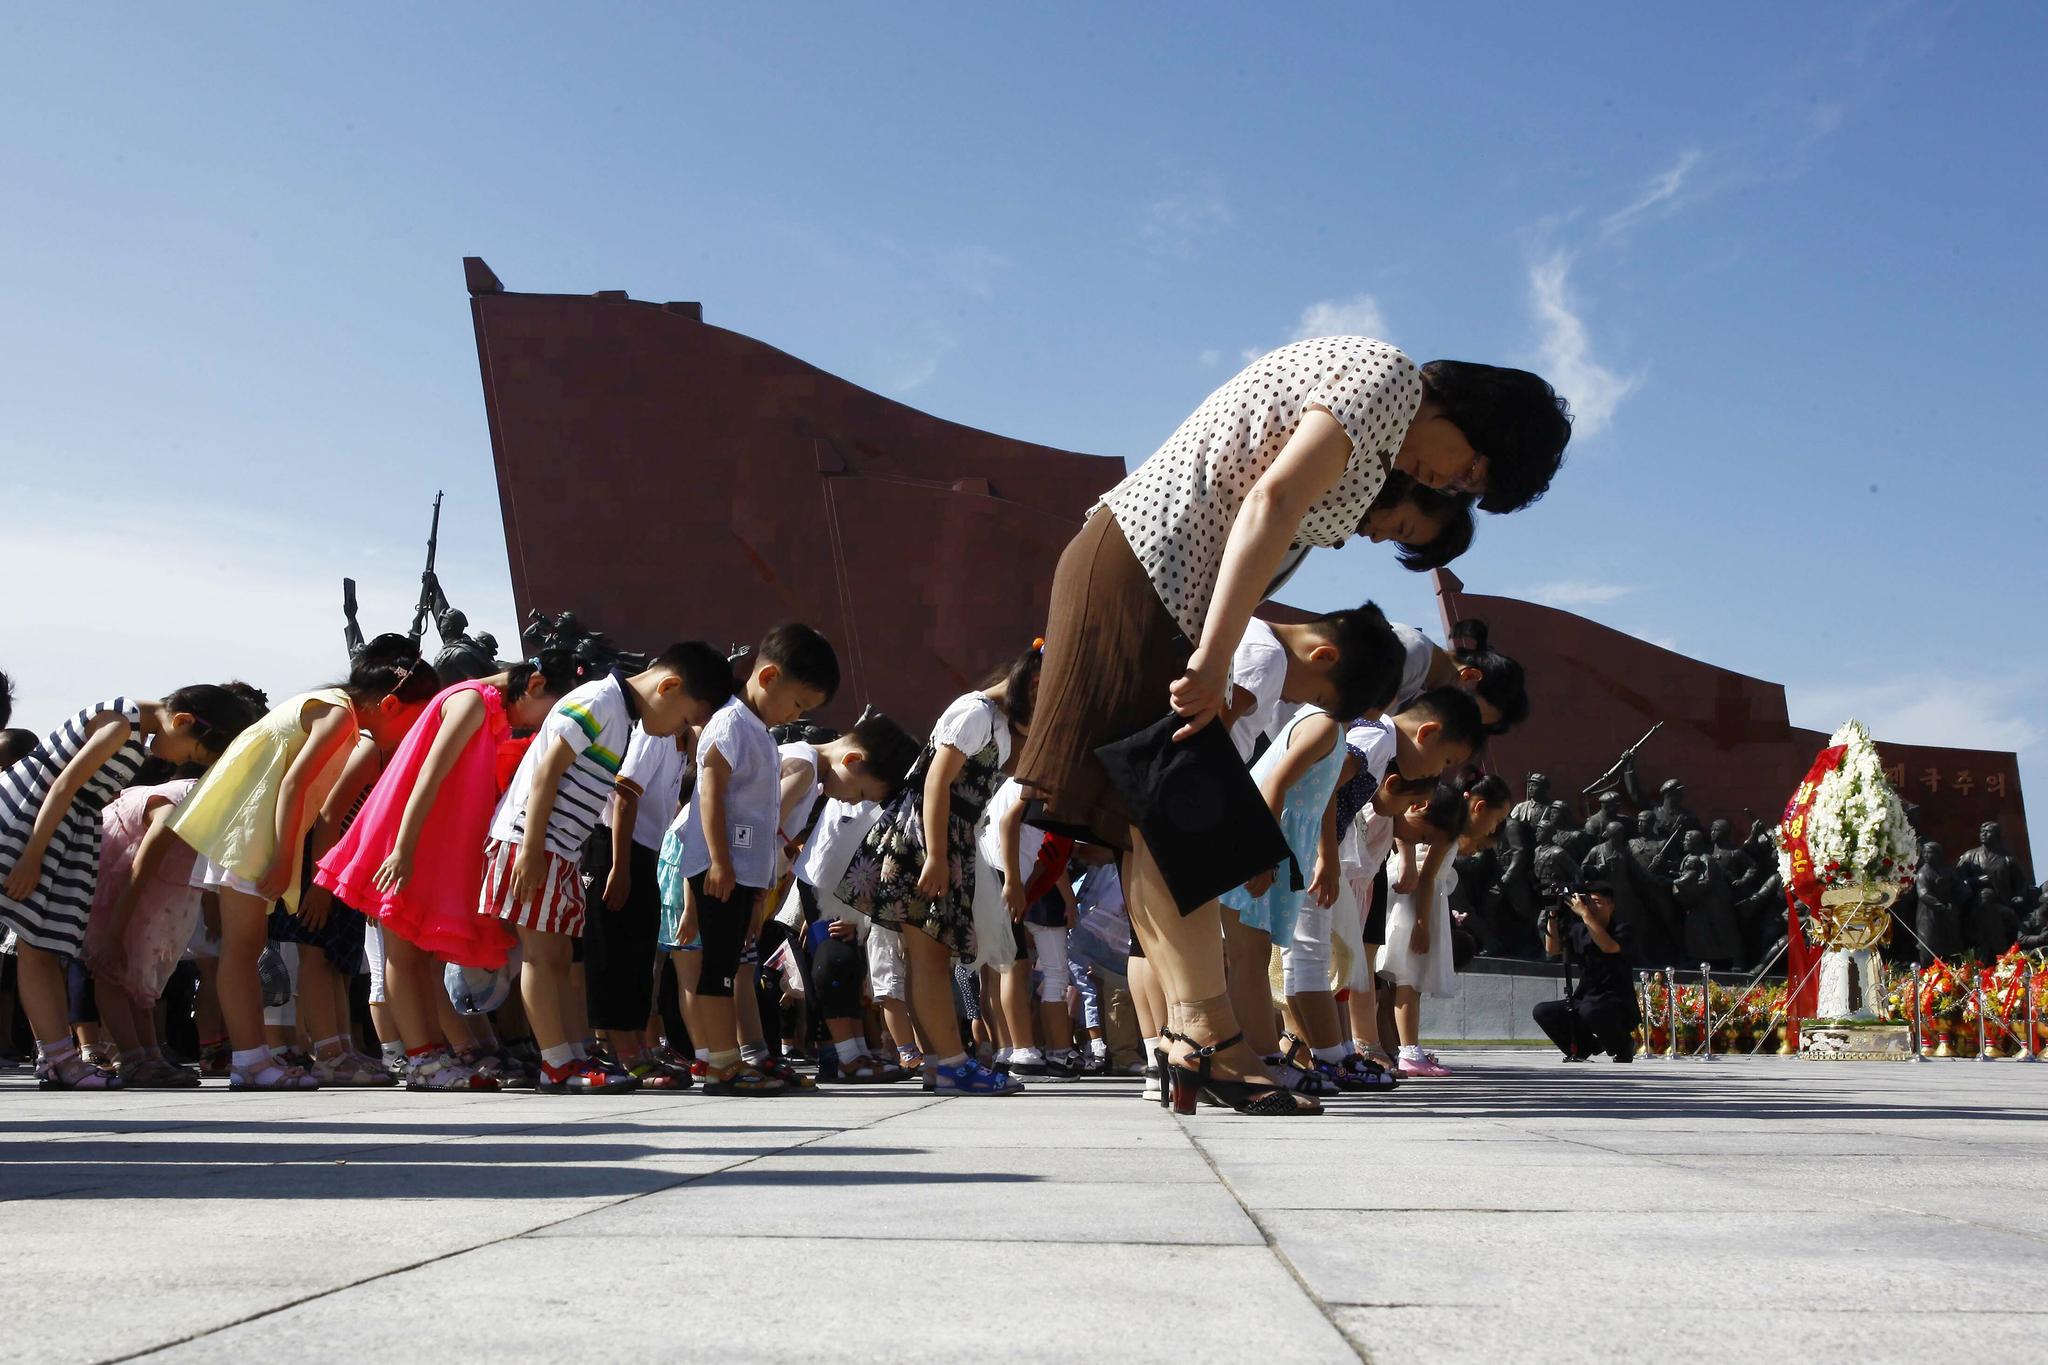 8일 오전 북한 주민들이 평양 만수대언덕 김일성·김정일 동상 앞에서 묵념하고 있다. [AP=연합뉴스]